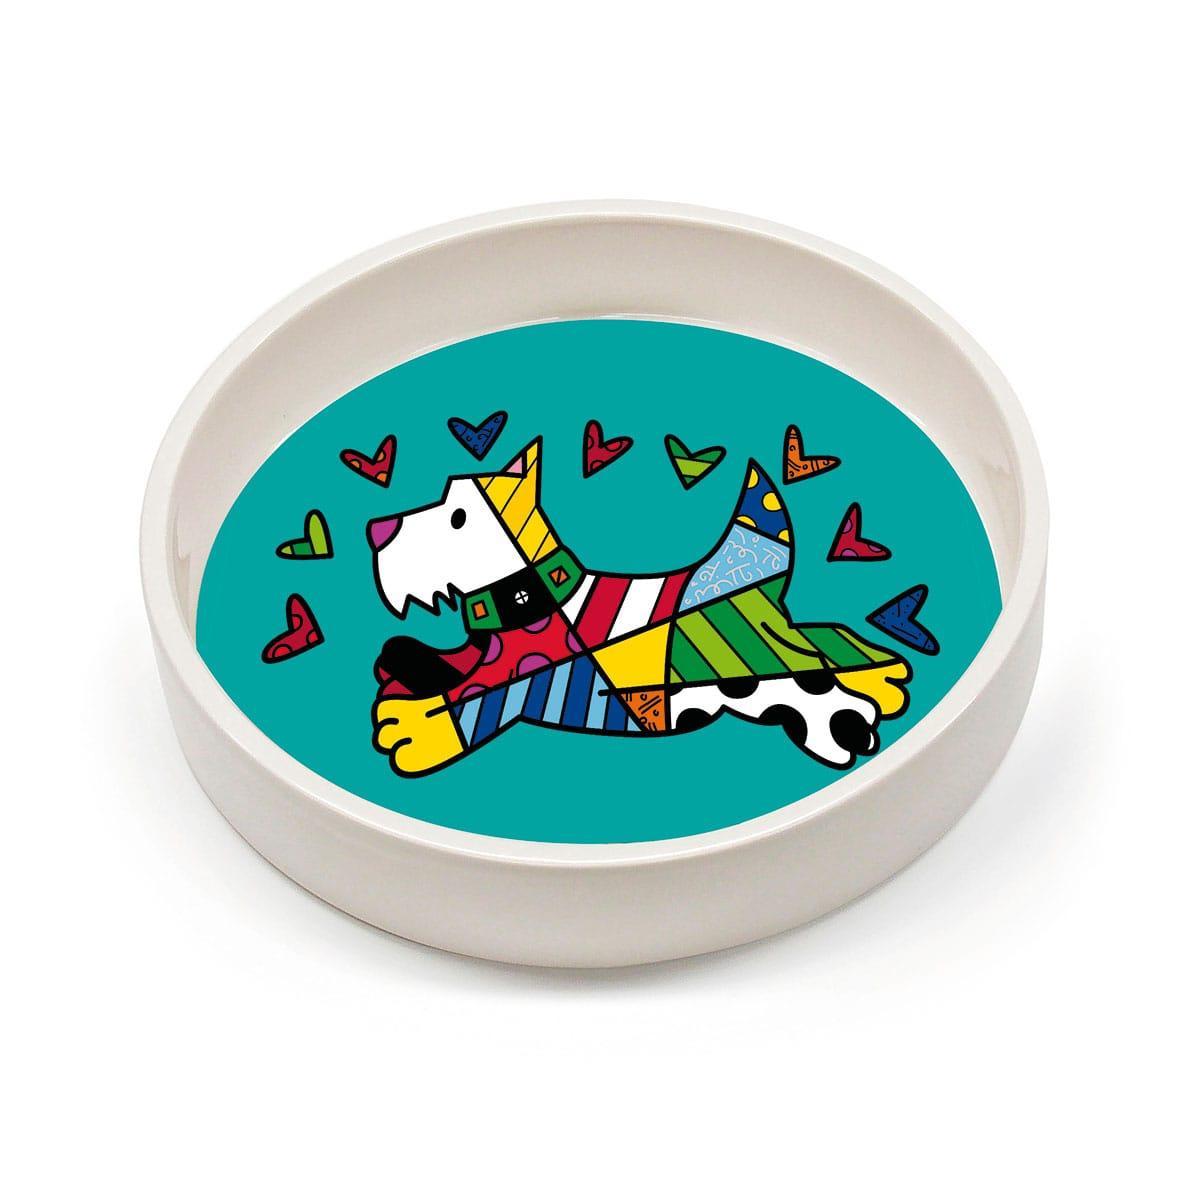 ciotola svuota tasche contenitore multiuso totò in ceramica bianca con disco al centro removibile stampato con un opera artistica di Romero Britto raffigurante un cane stilizzato con tanti cuoricini